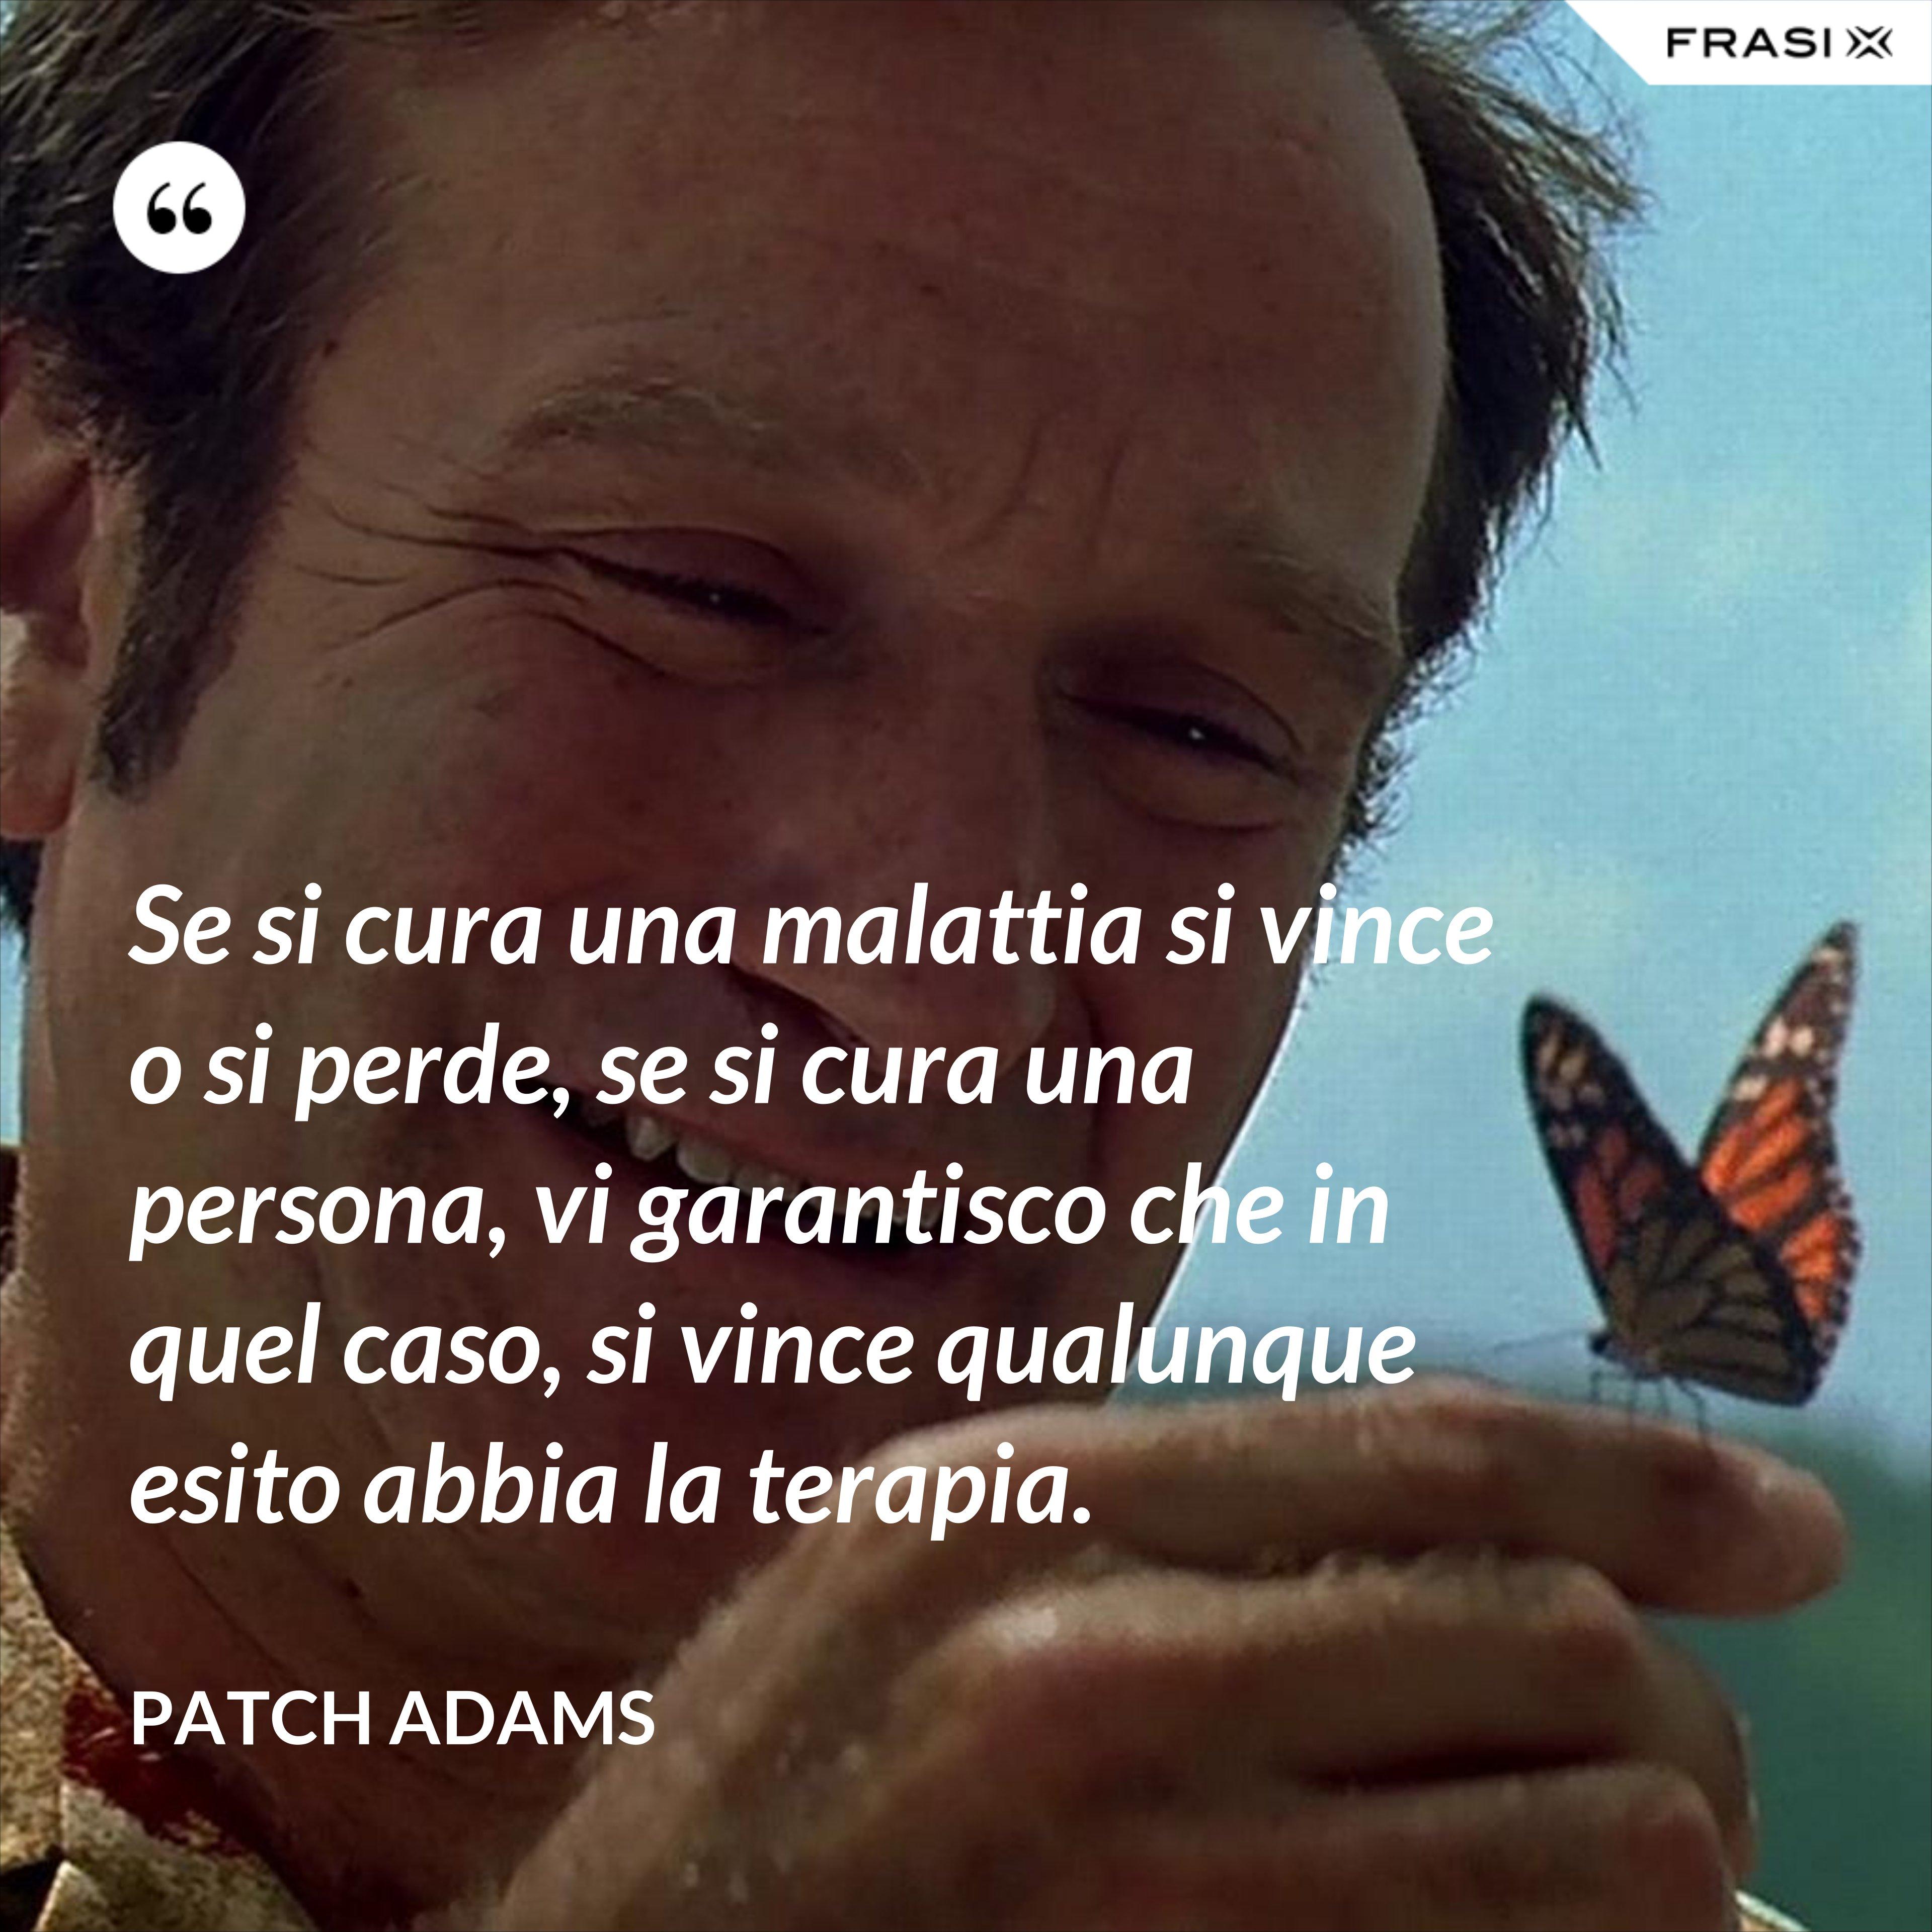 Se si cura una malattia si vince o si perde, se si cura una persona, vi garantisco che in quel caso, si vince qualunque esito abbia la terapia. - Patch Adams